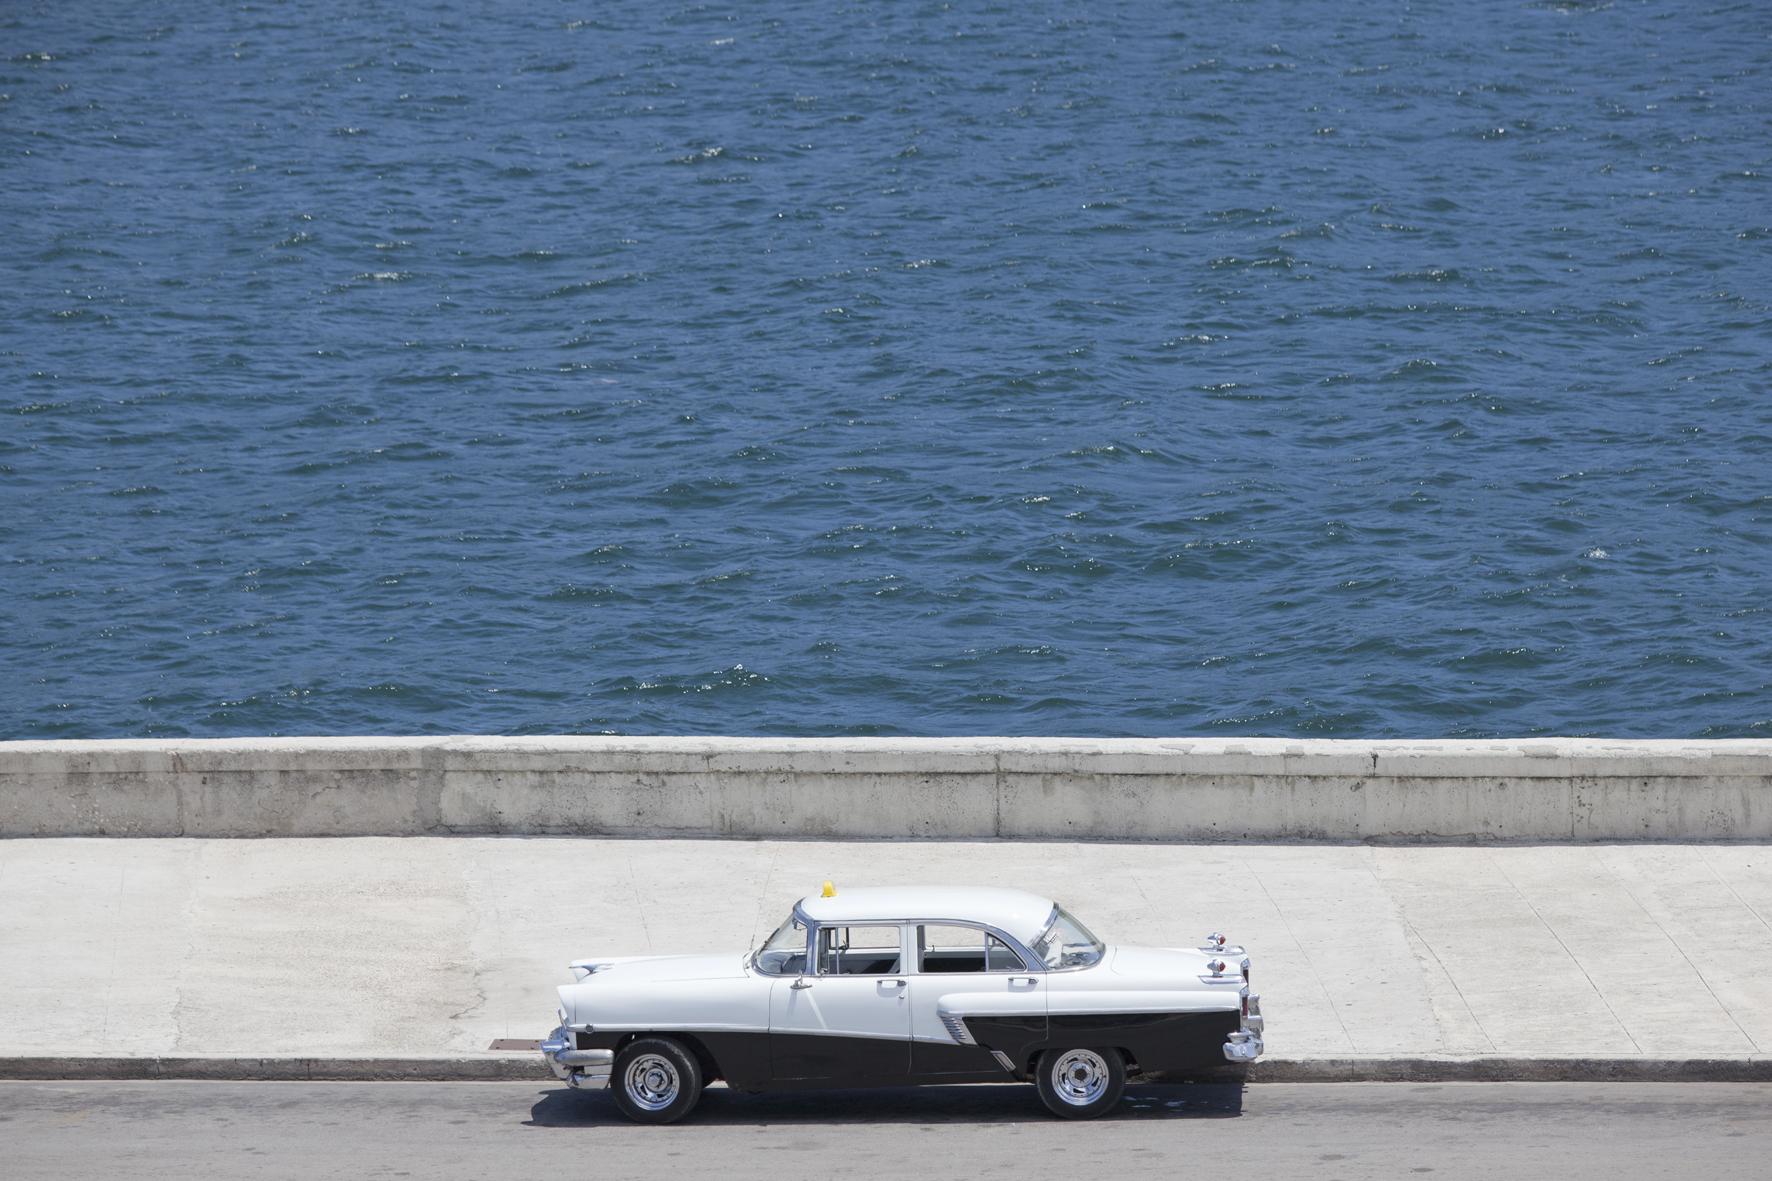 Taxi au repos sur le Canal de Entrada, La Havane (Cuba)